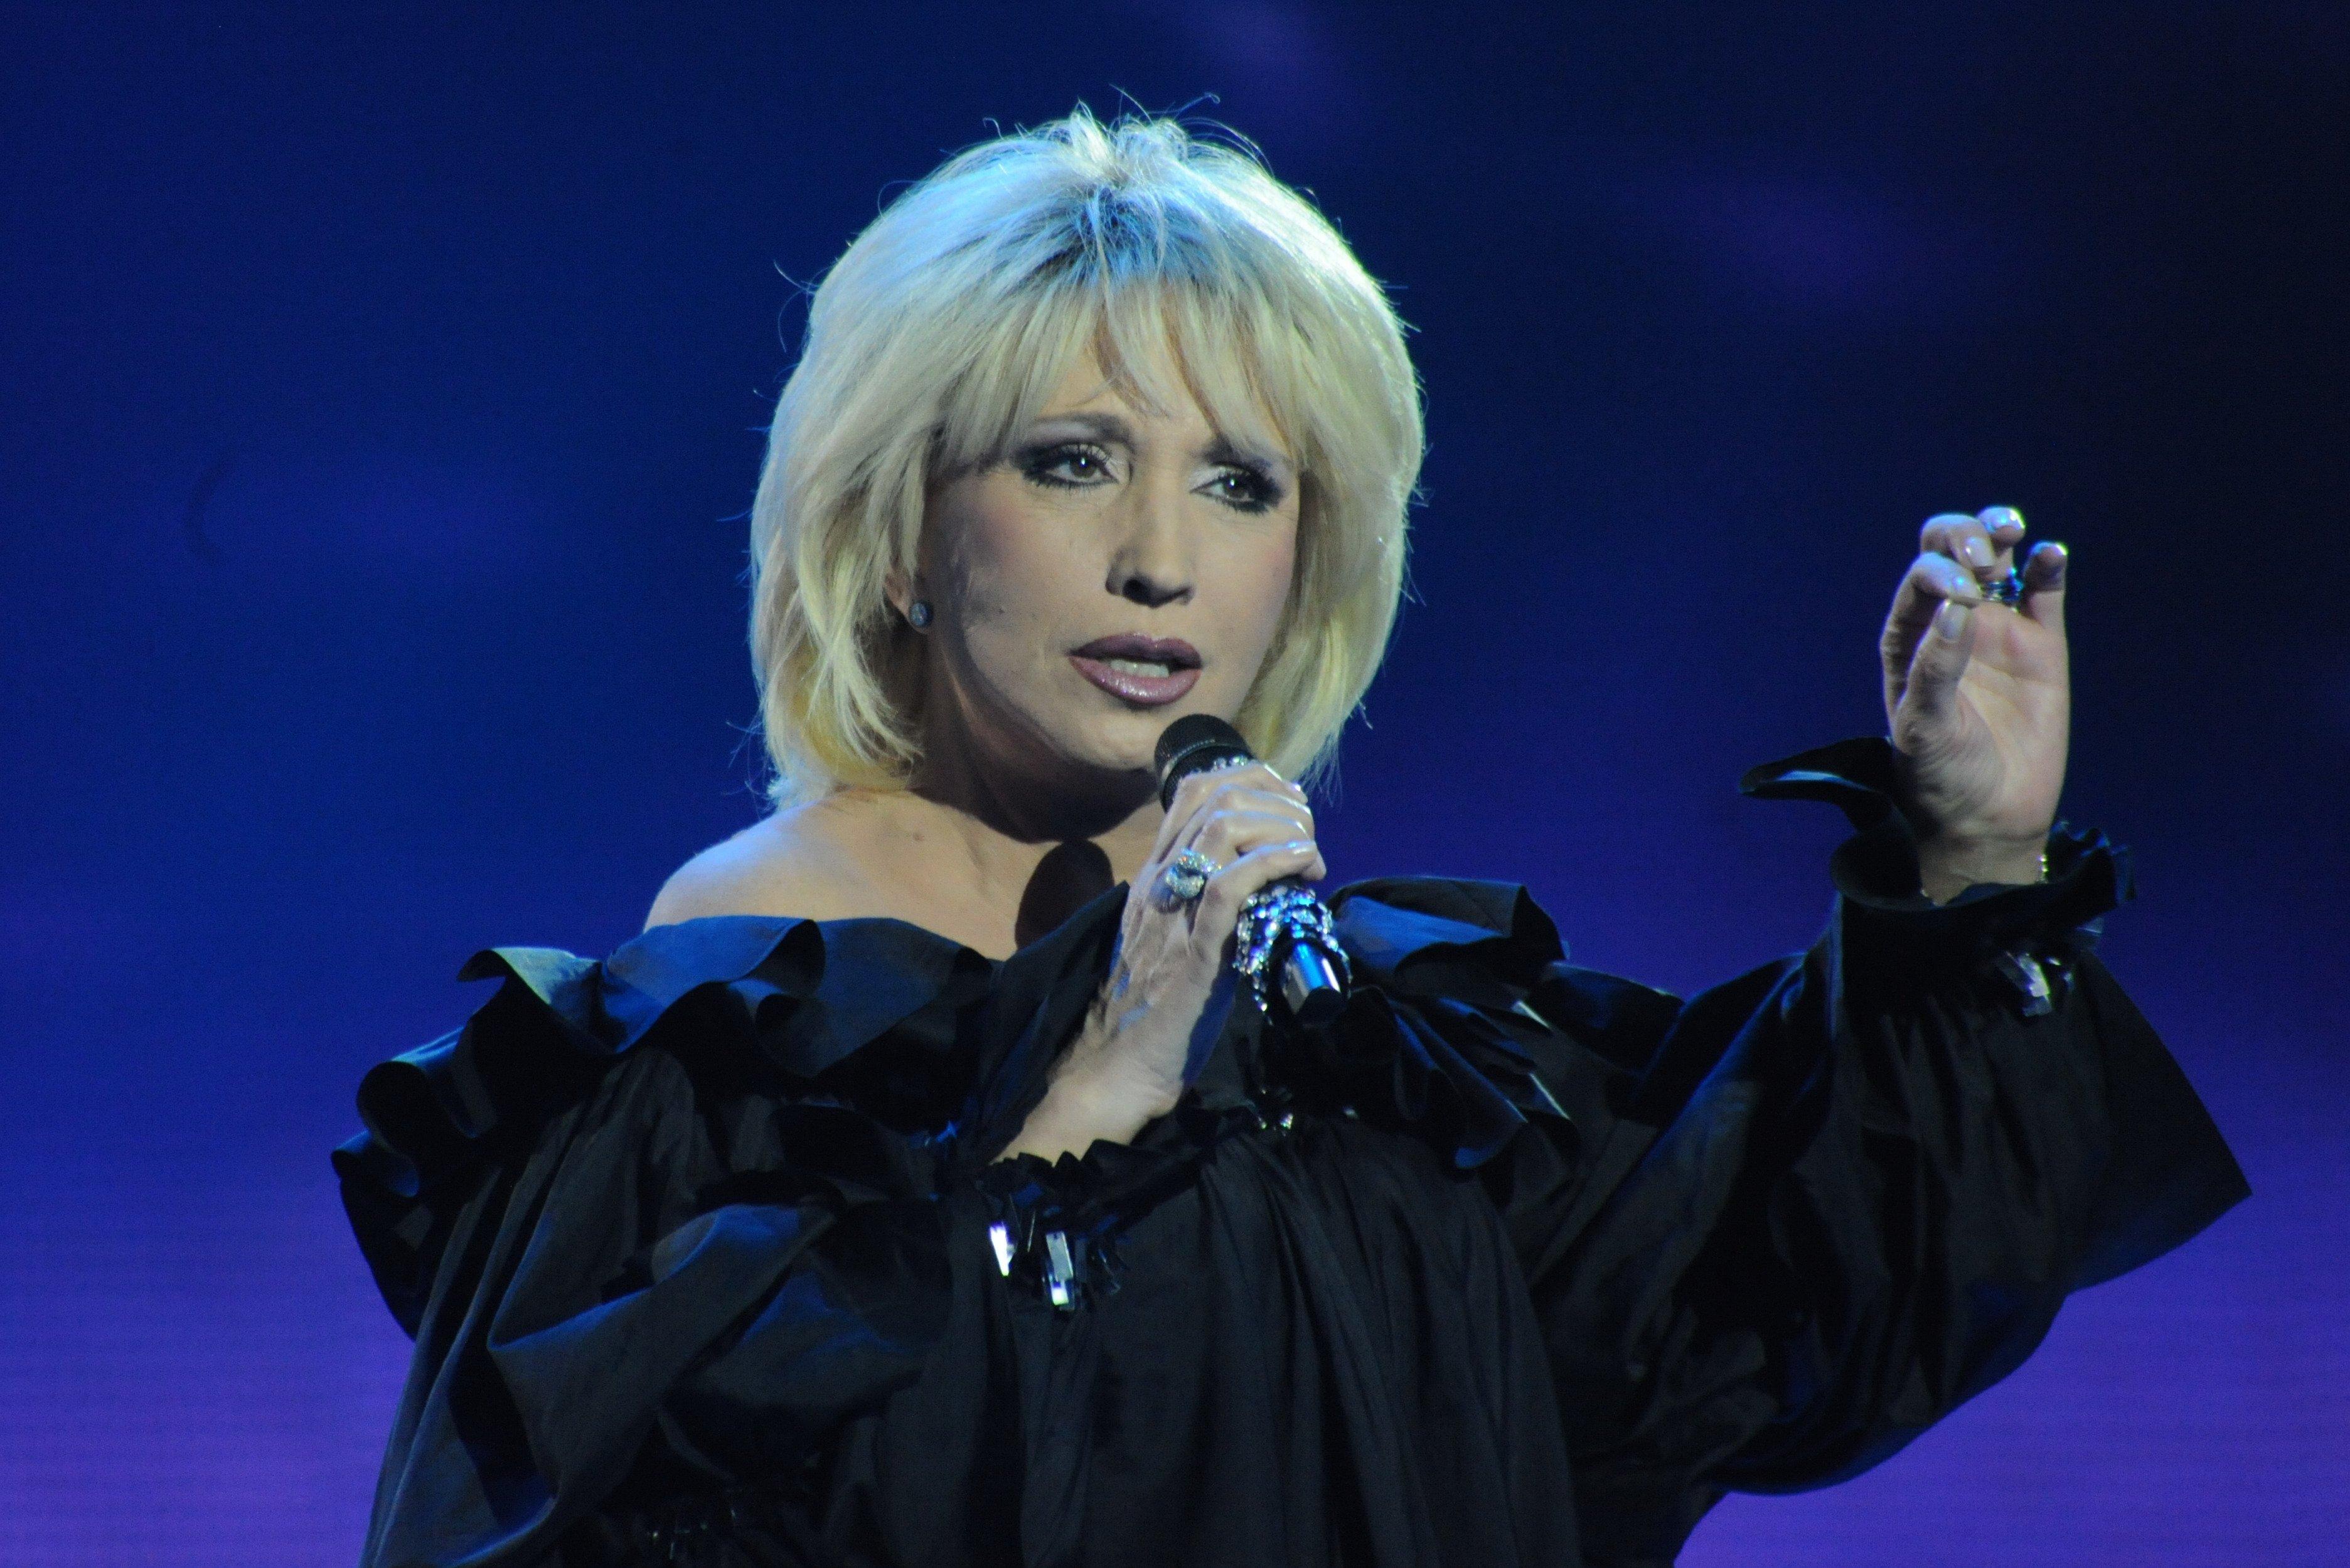 Ирина Аллегрова разочаровала публику наконцерте в северной столице